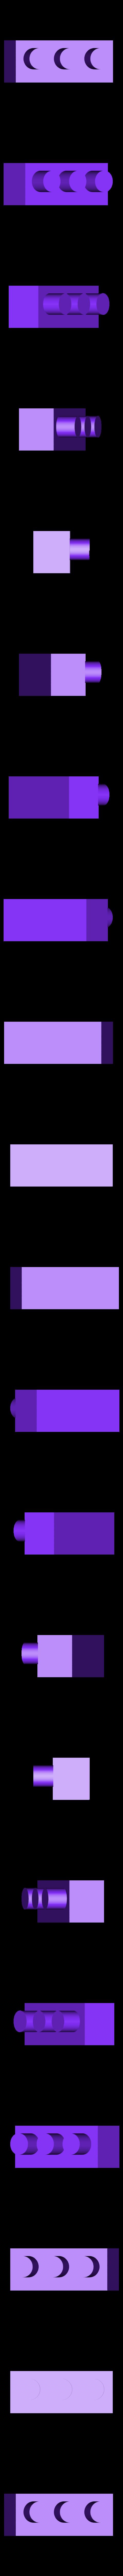 nick2_chmn1_1.stl Télécharger fichier STL gratuit Ripper's London - The Nick • Plan pour imprimante 3D, Earsling